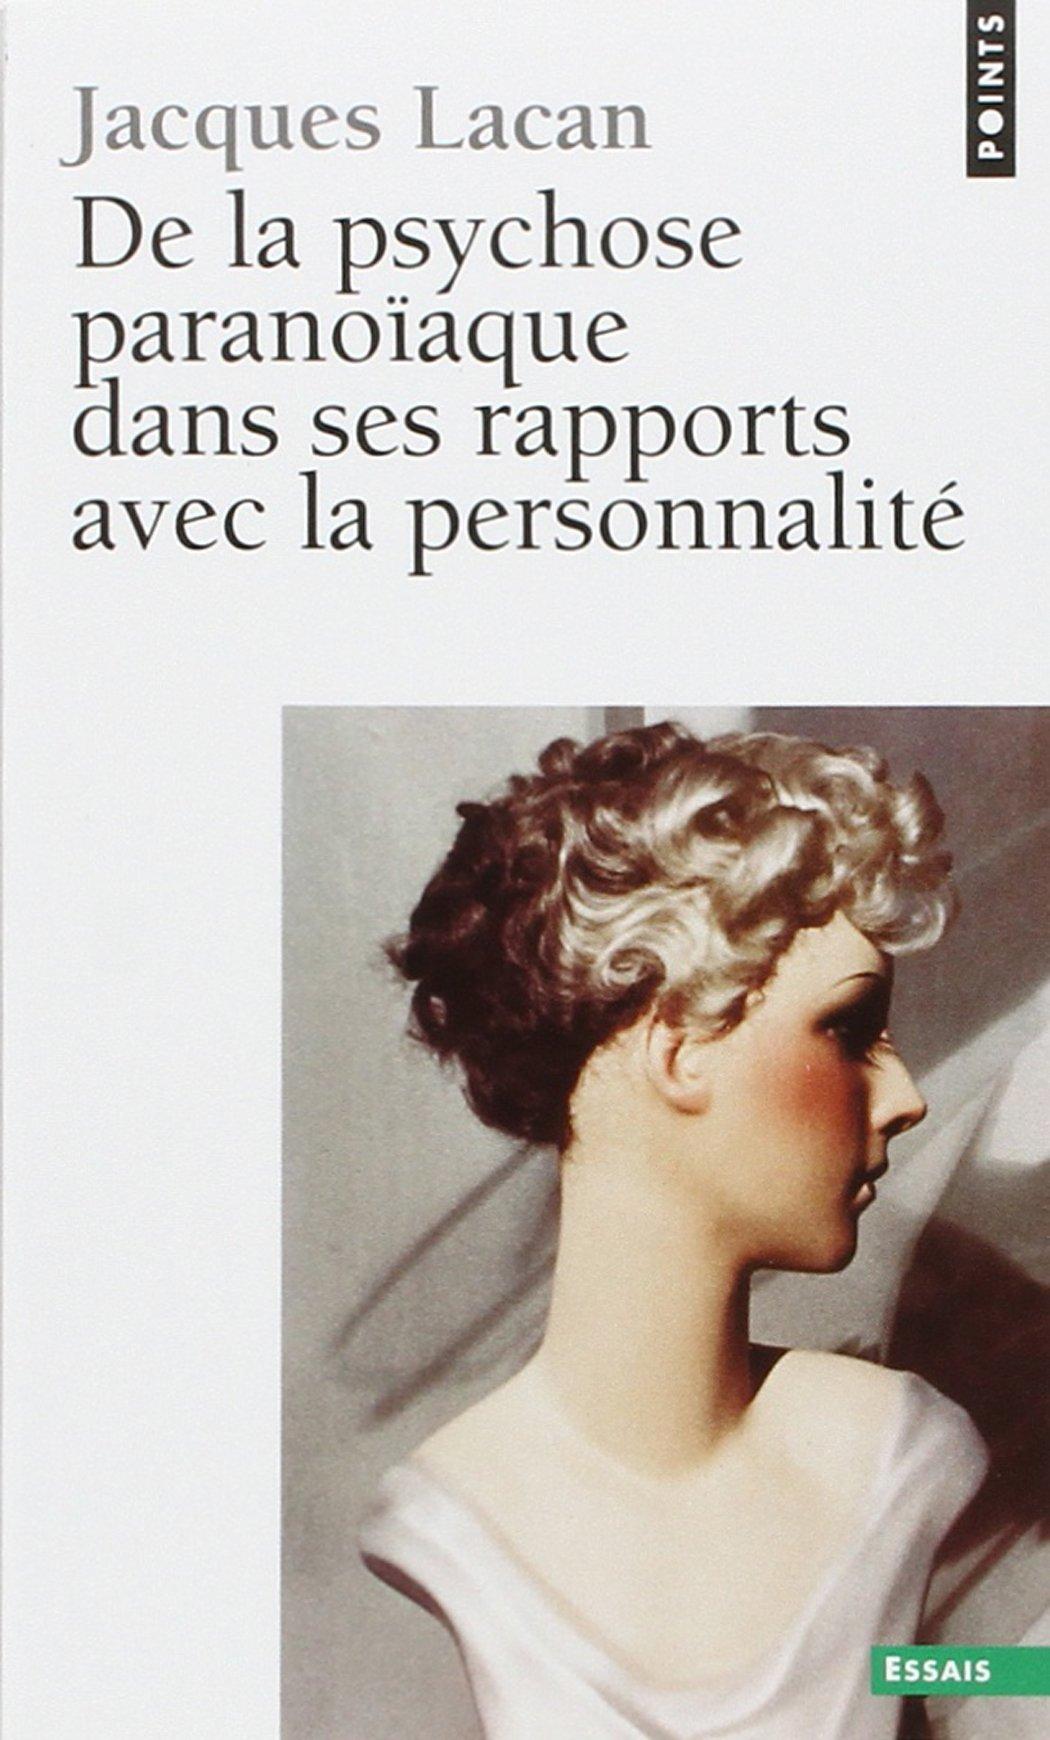 De la psychose paranoïaque dans ses rapports avec la personnalité Poche – 1 avril 1980 Jacques Lacan Seuil 2020055104 SCIENCES SOCIALES